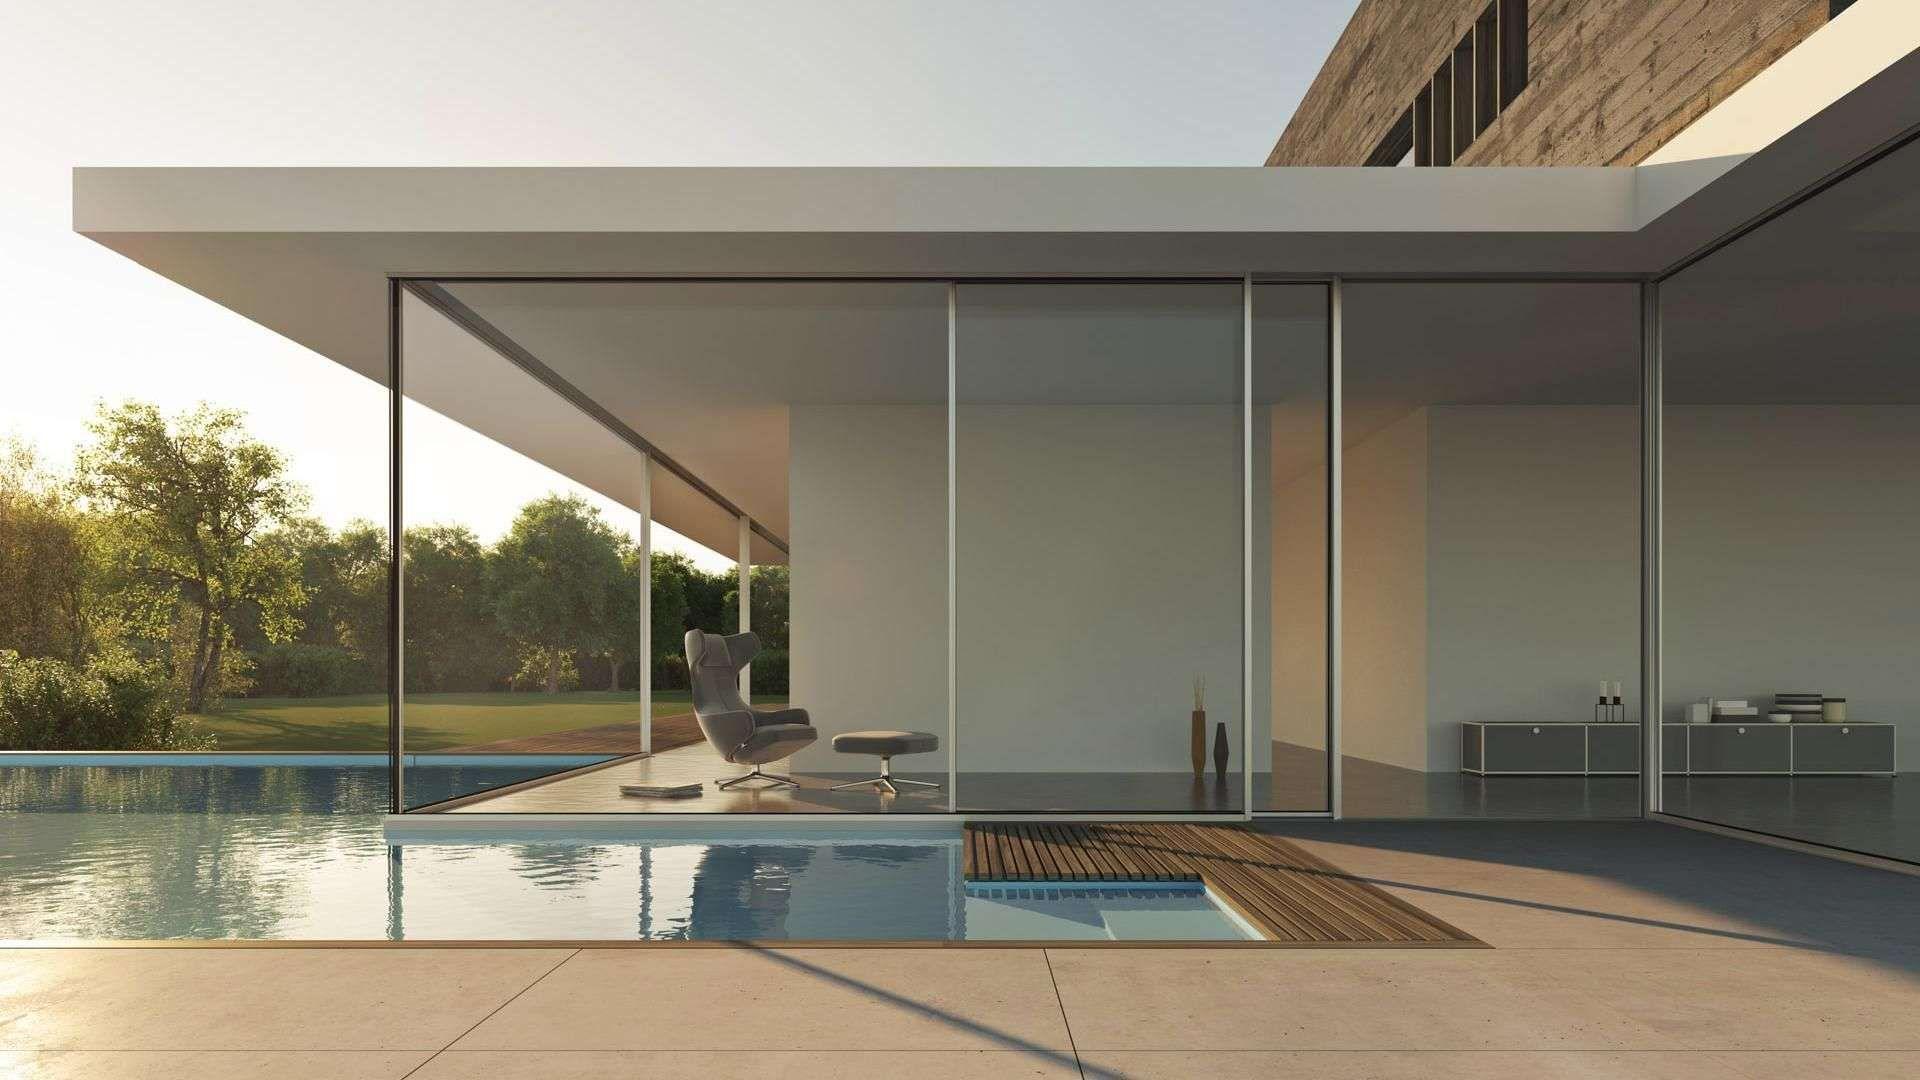 geöffnetes cero Schiebefenster vor einen großen Pool